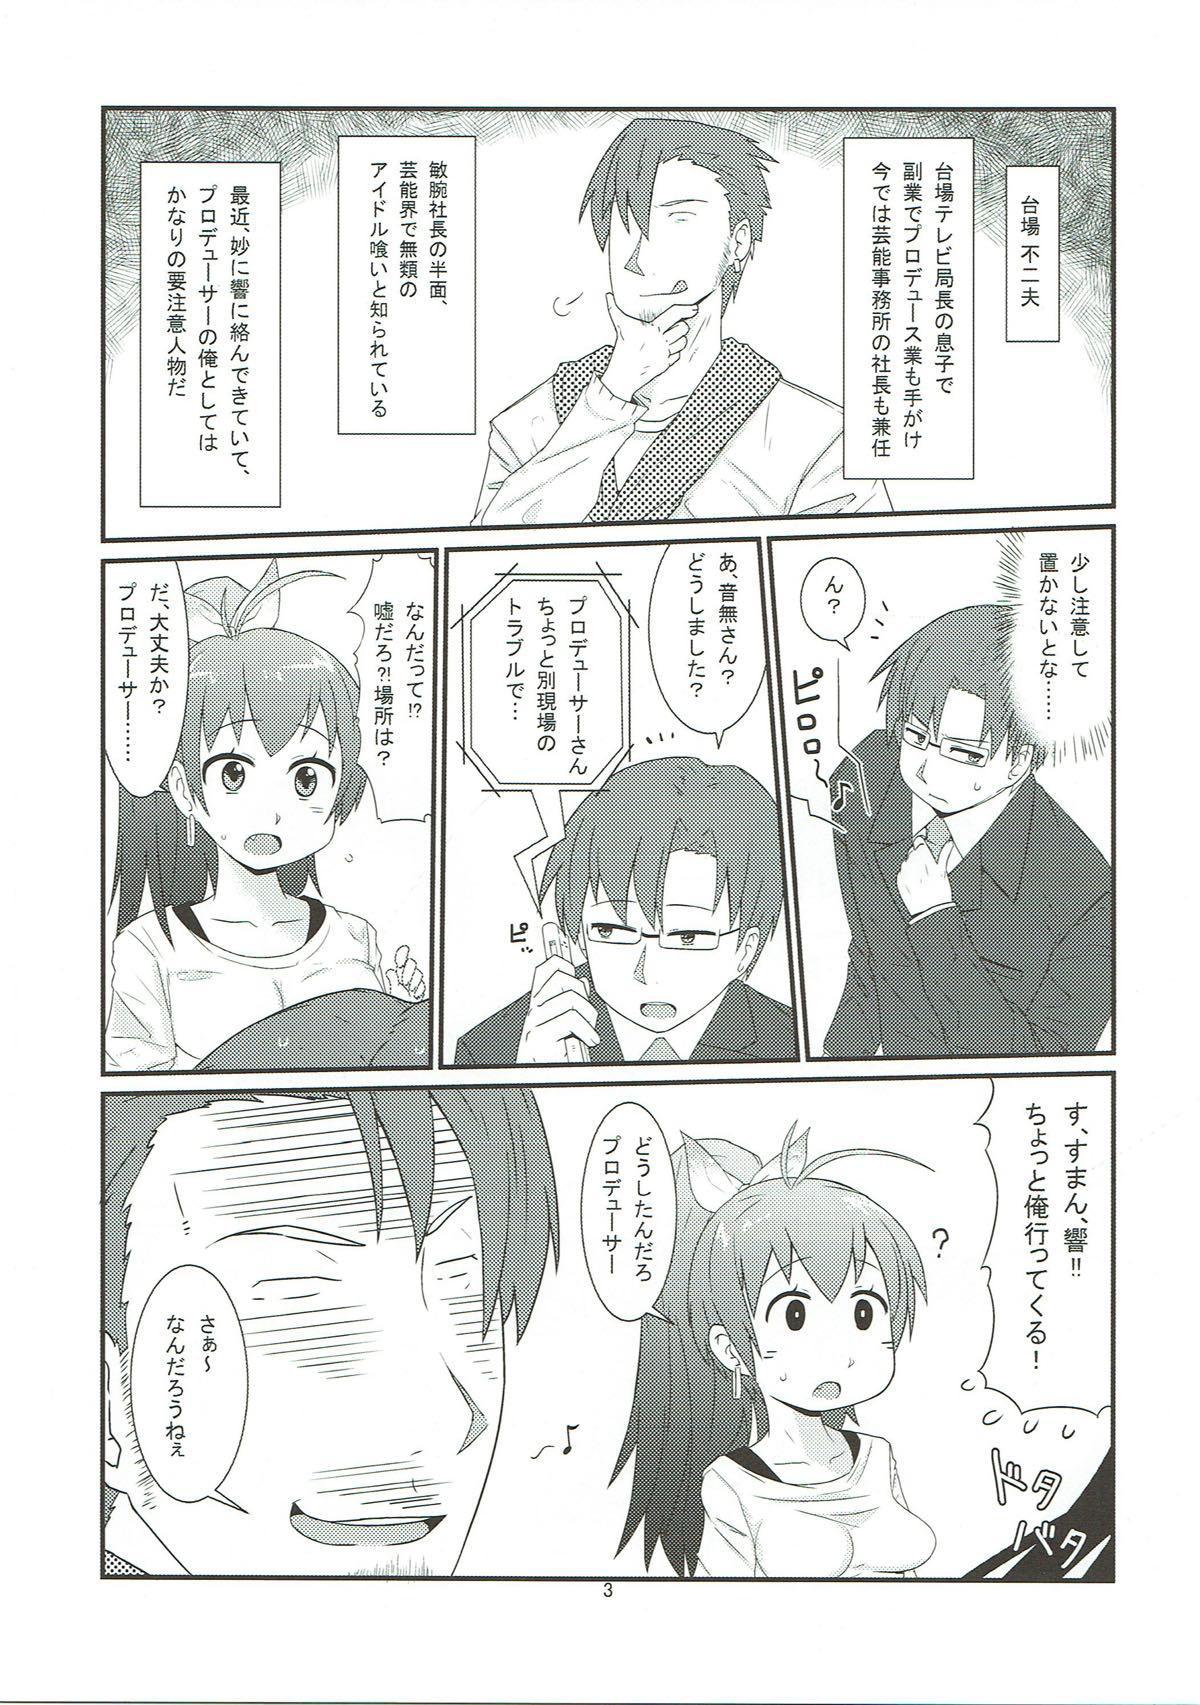 Hibiki no Jijou 3